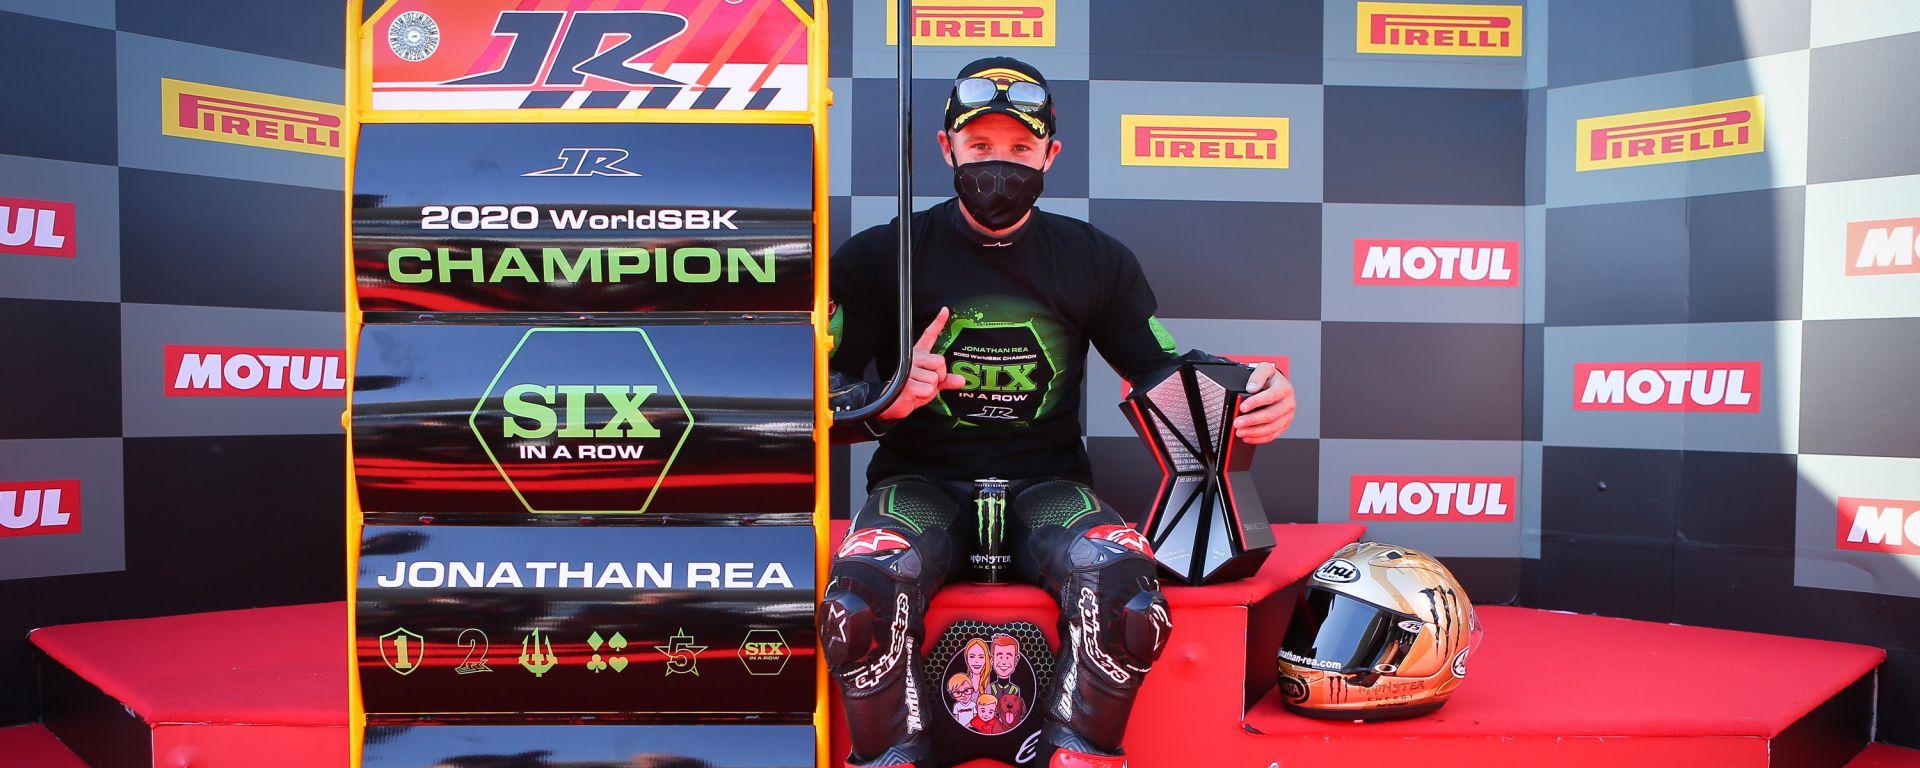 Jonathan Rea festeggia il sesto titolo di campione del mondo all'Estoril